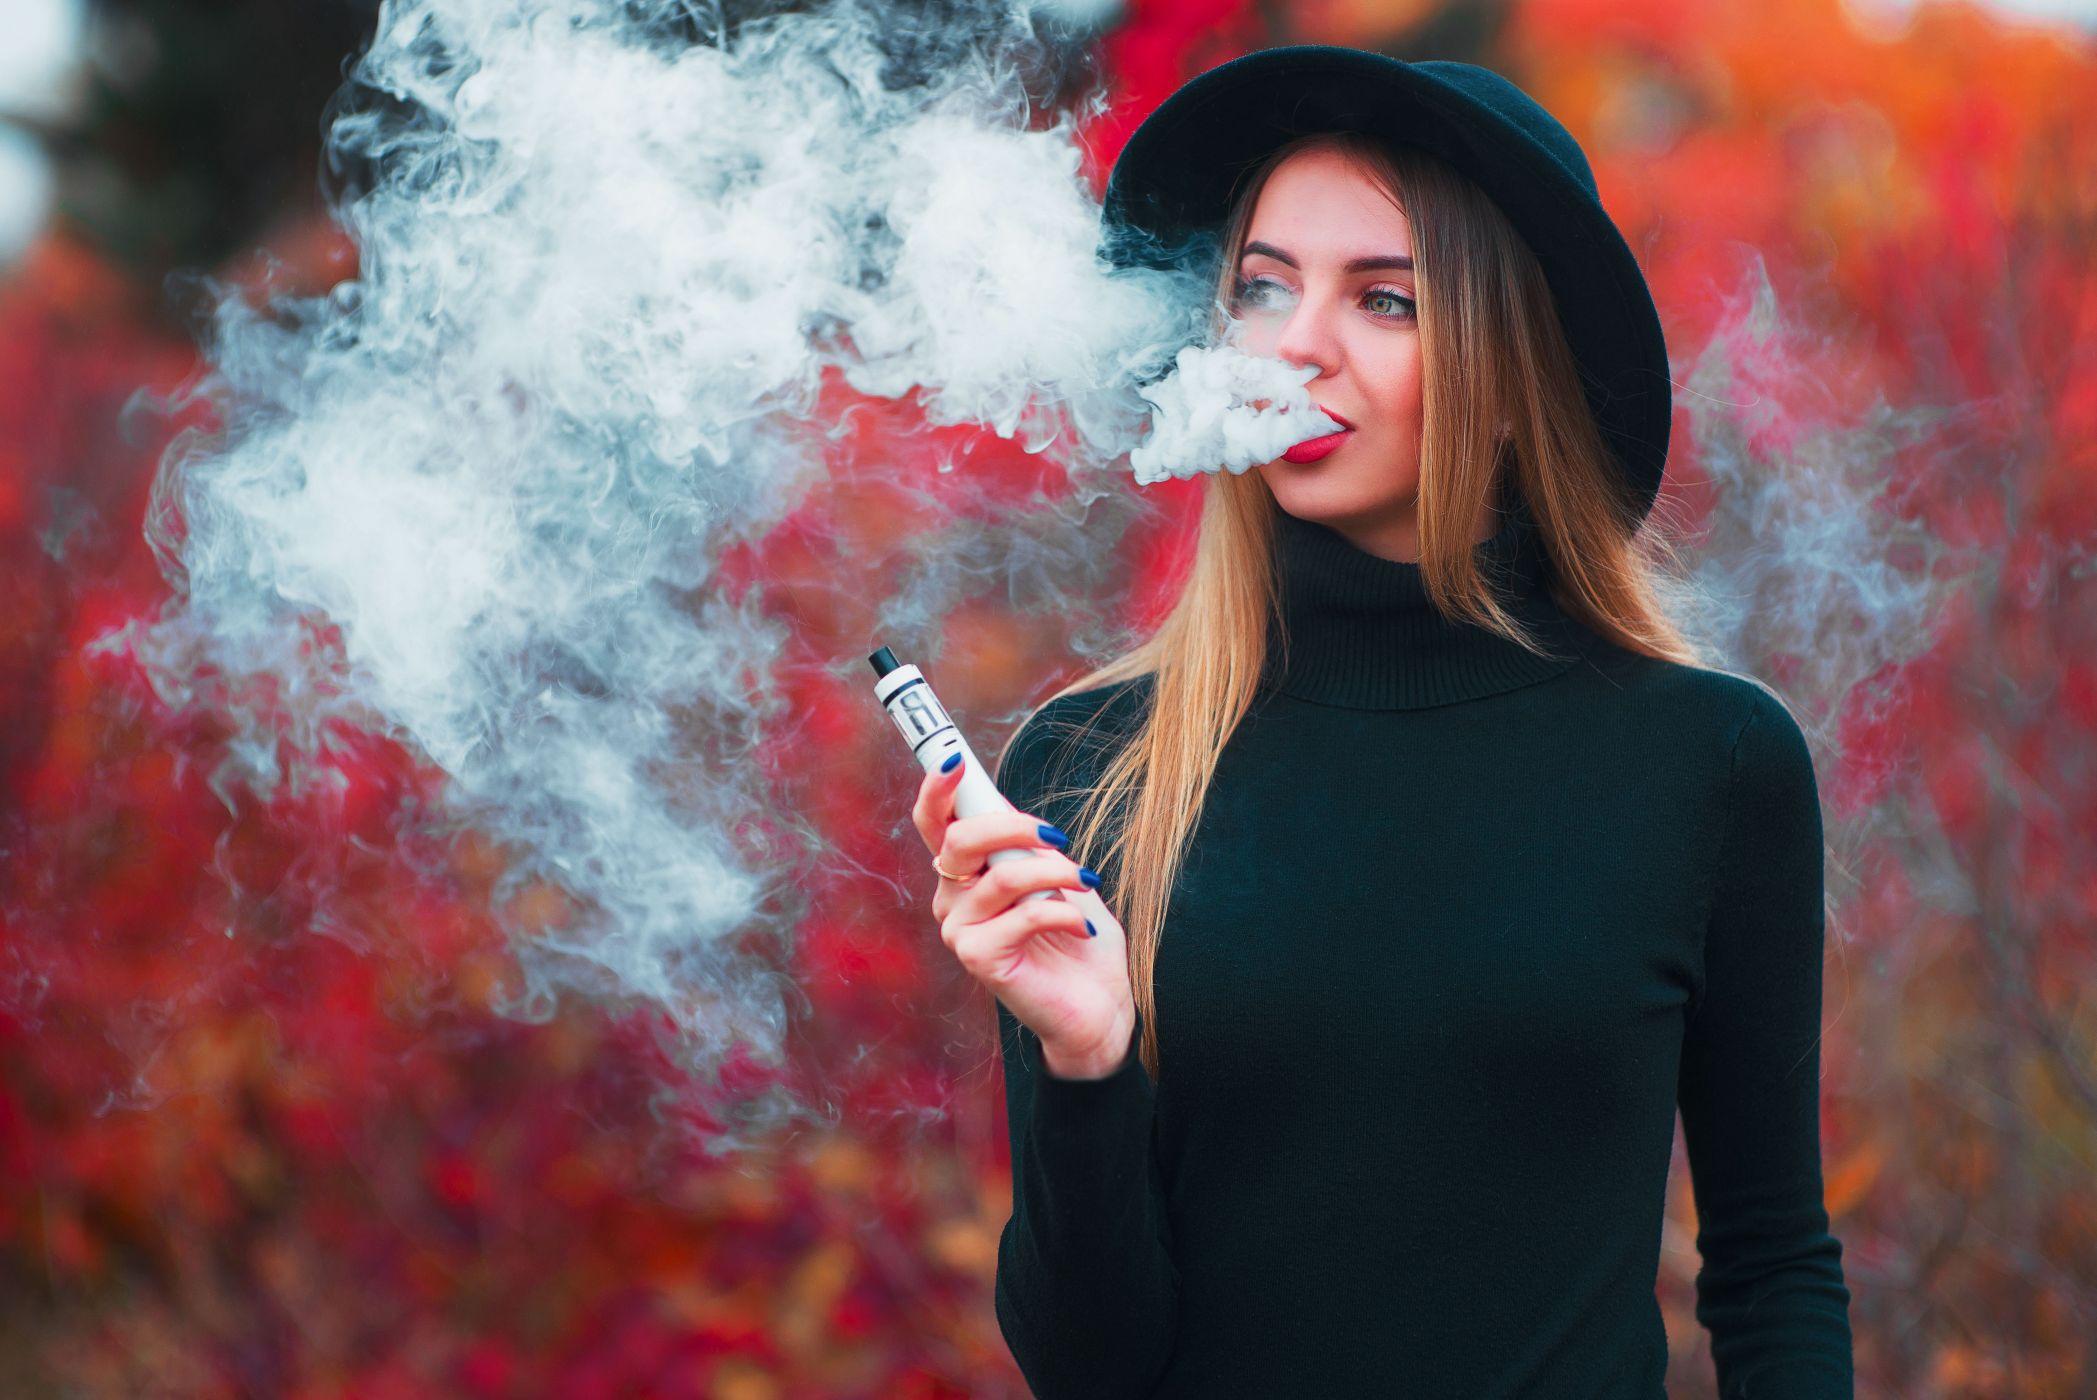 подделке сделать фото с дымом сигарет модели чаще являются